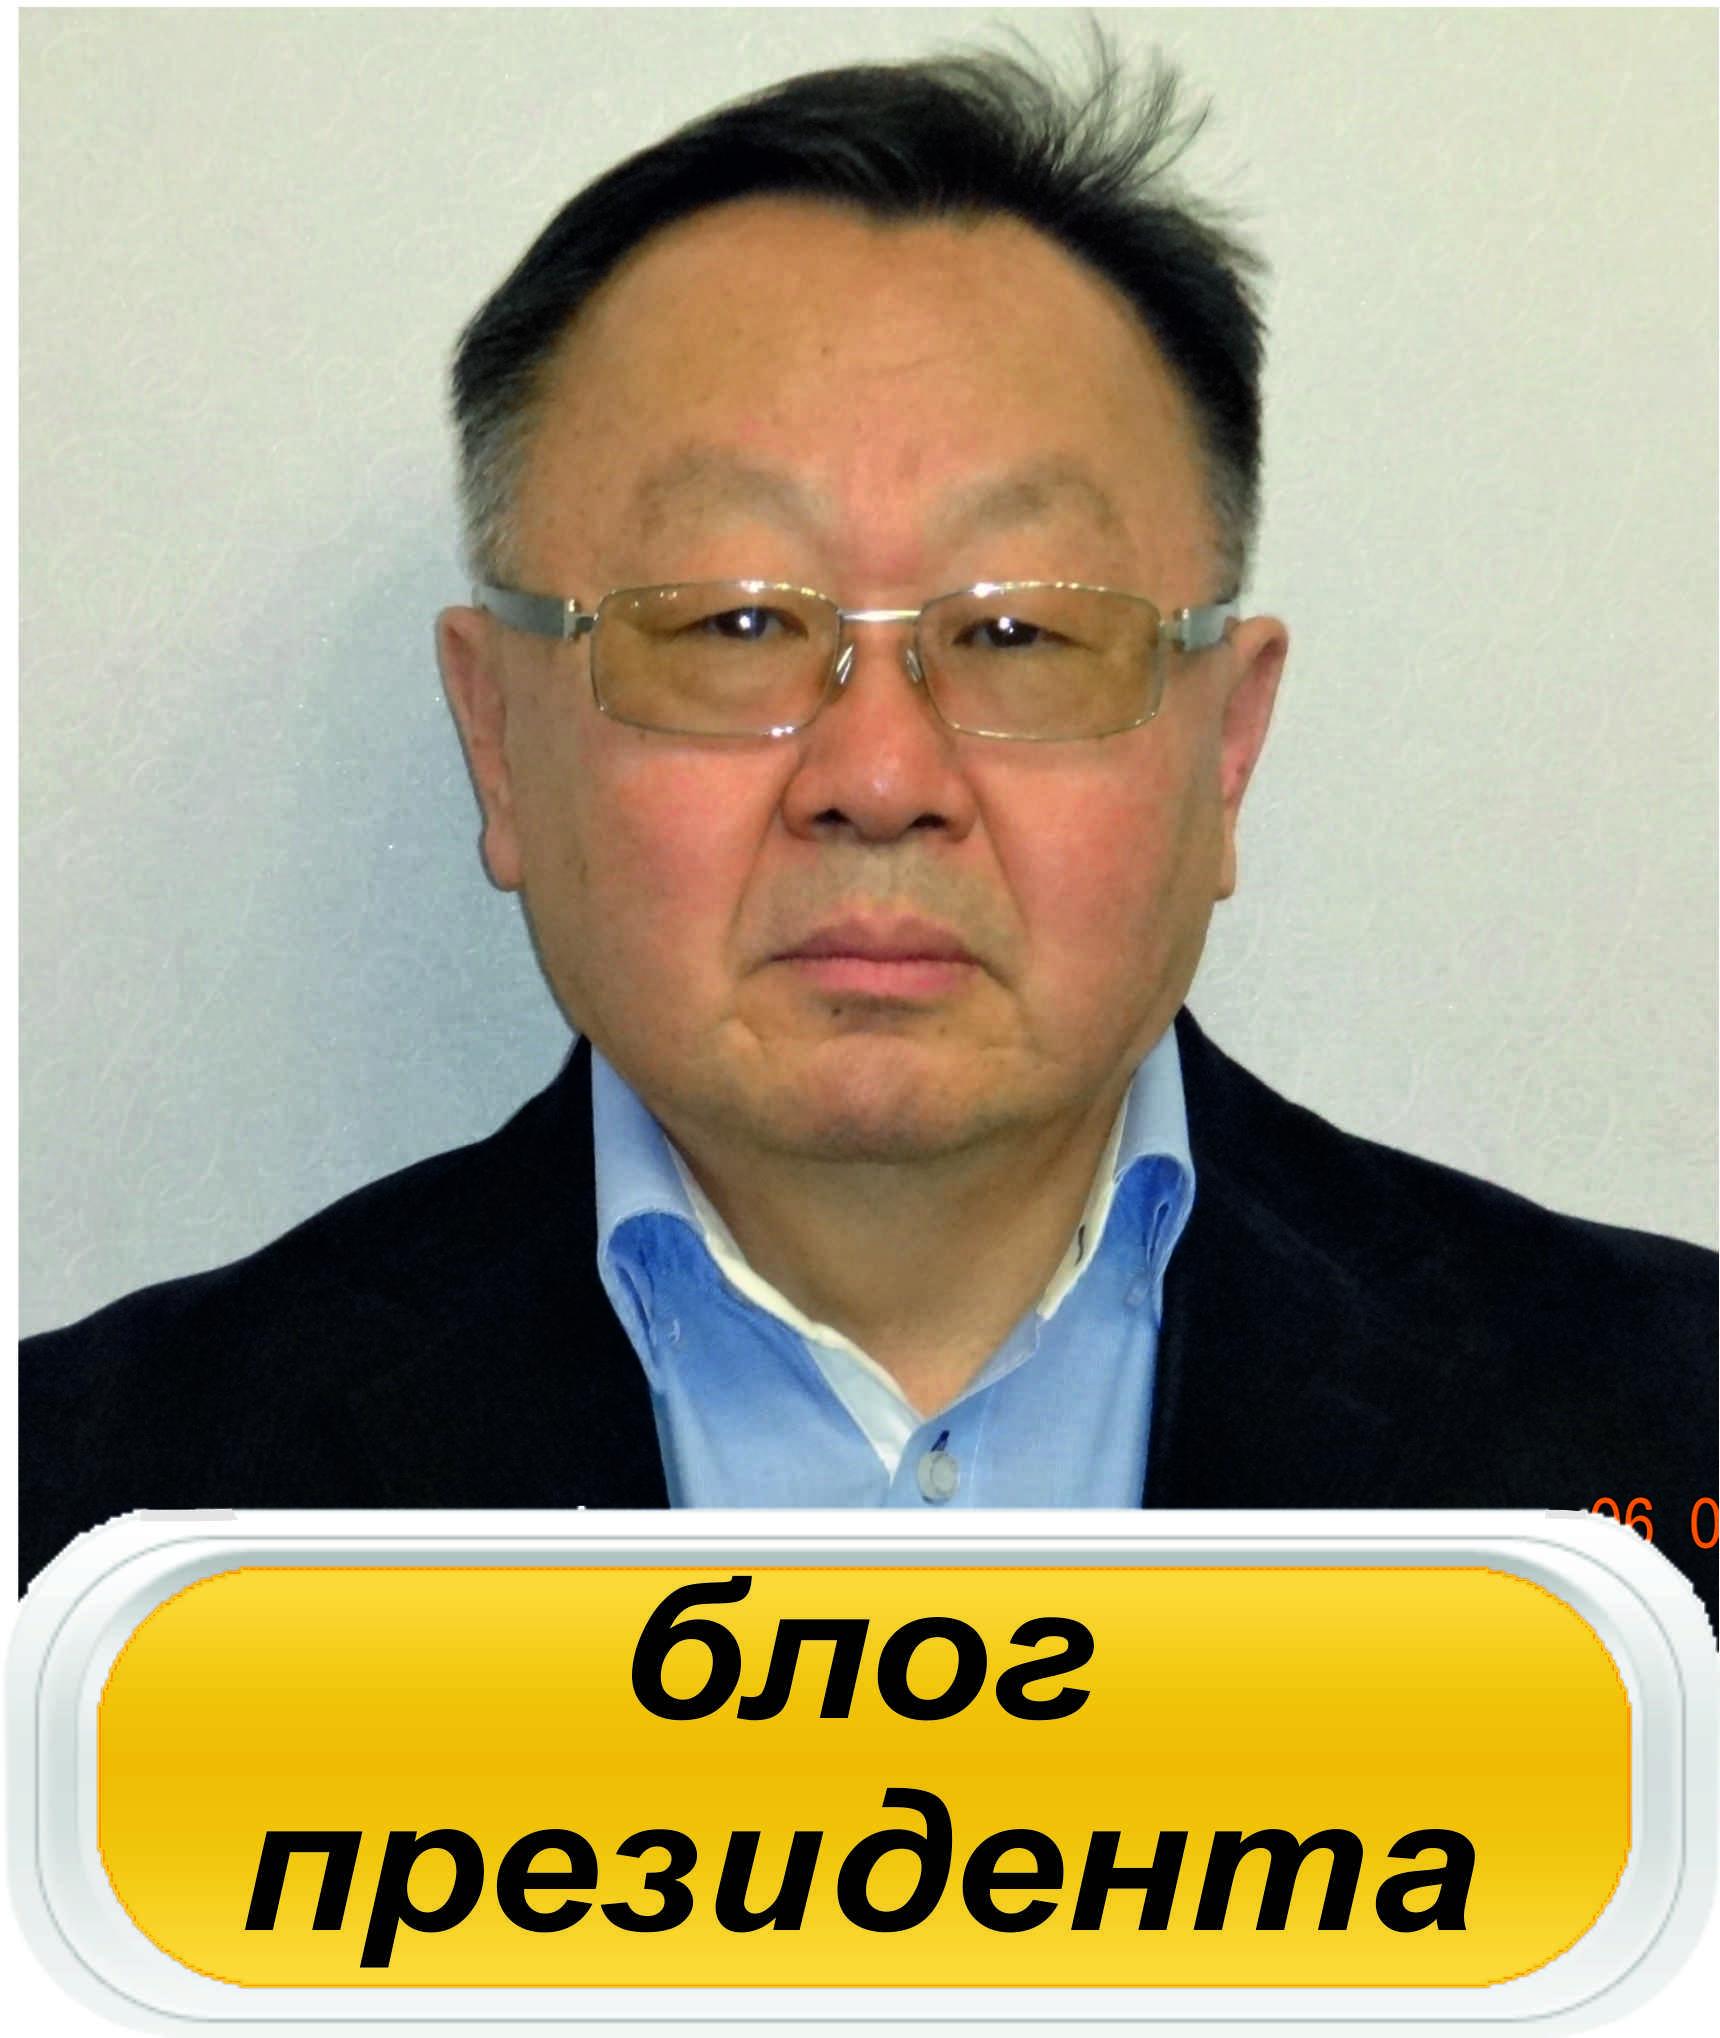 БЛОГ ПРЕЗИДЕНТА Югай Вячеслав Алексеевич